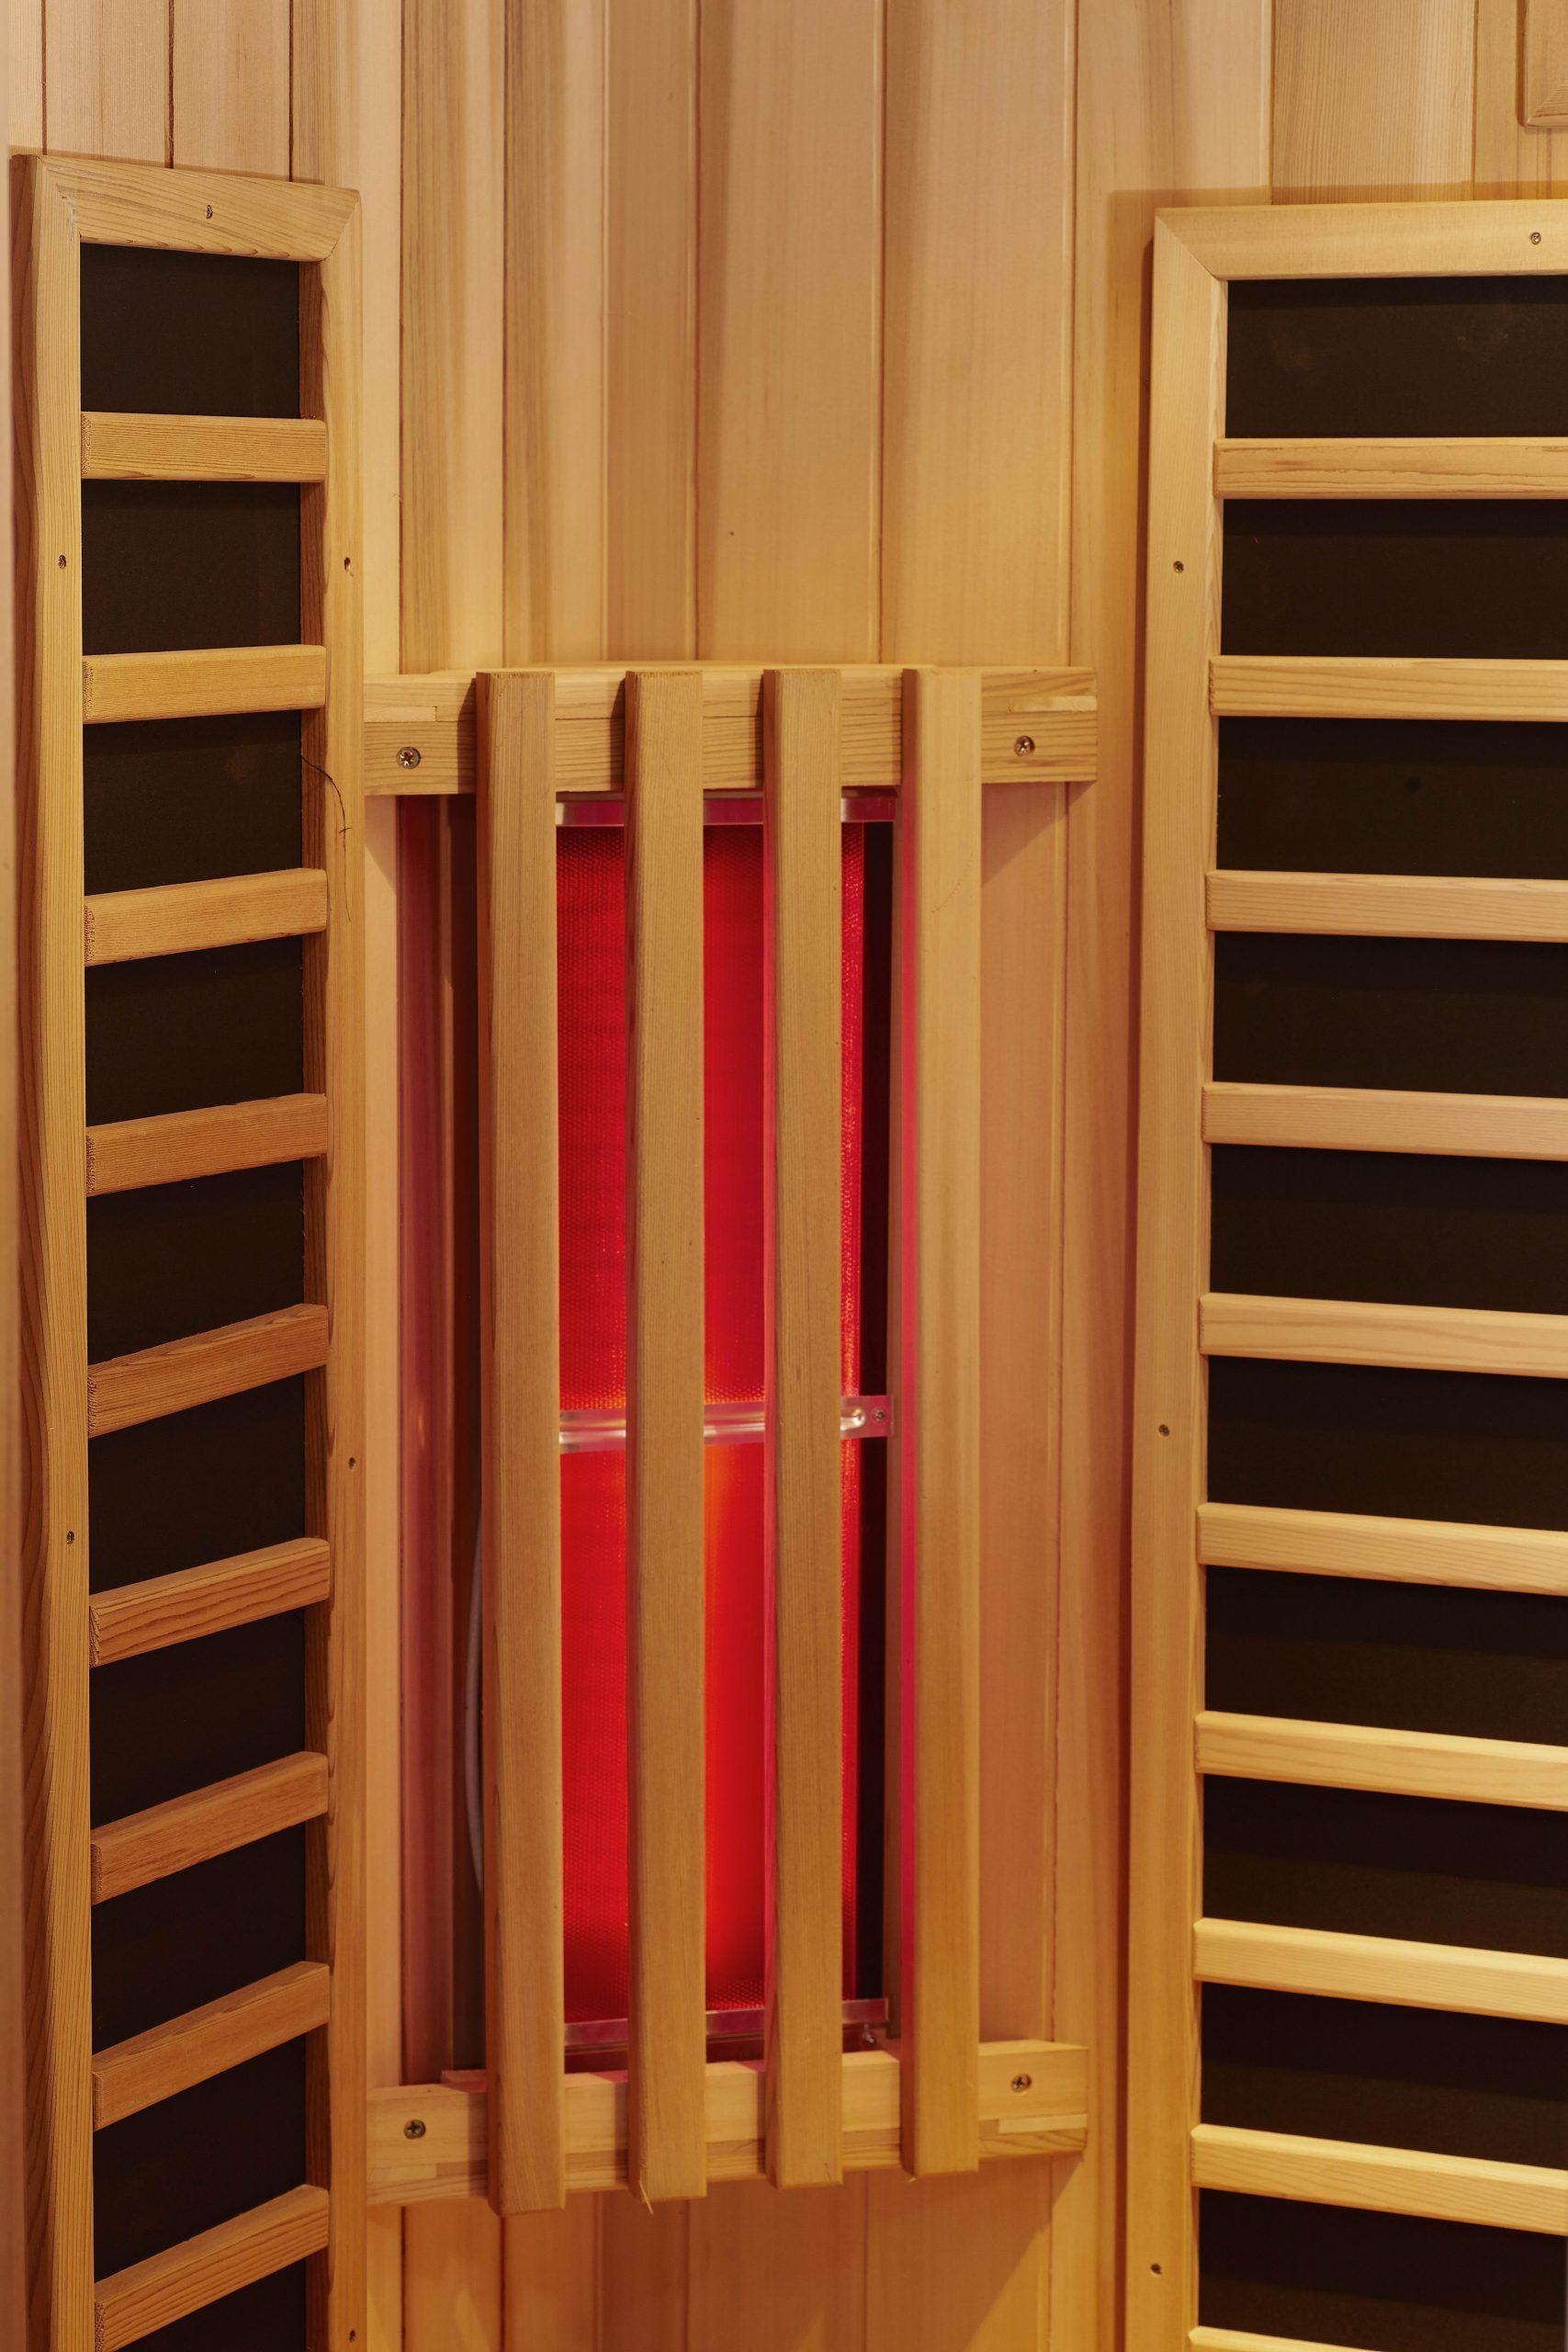 onderdelen van een infrarood sauna